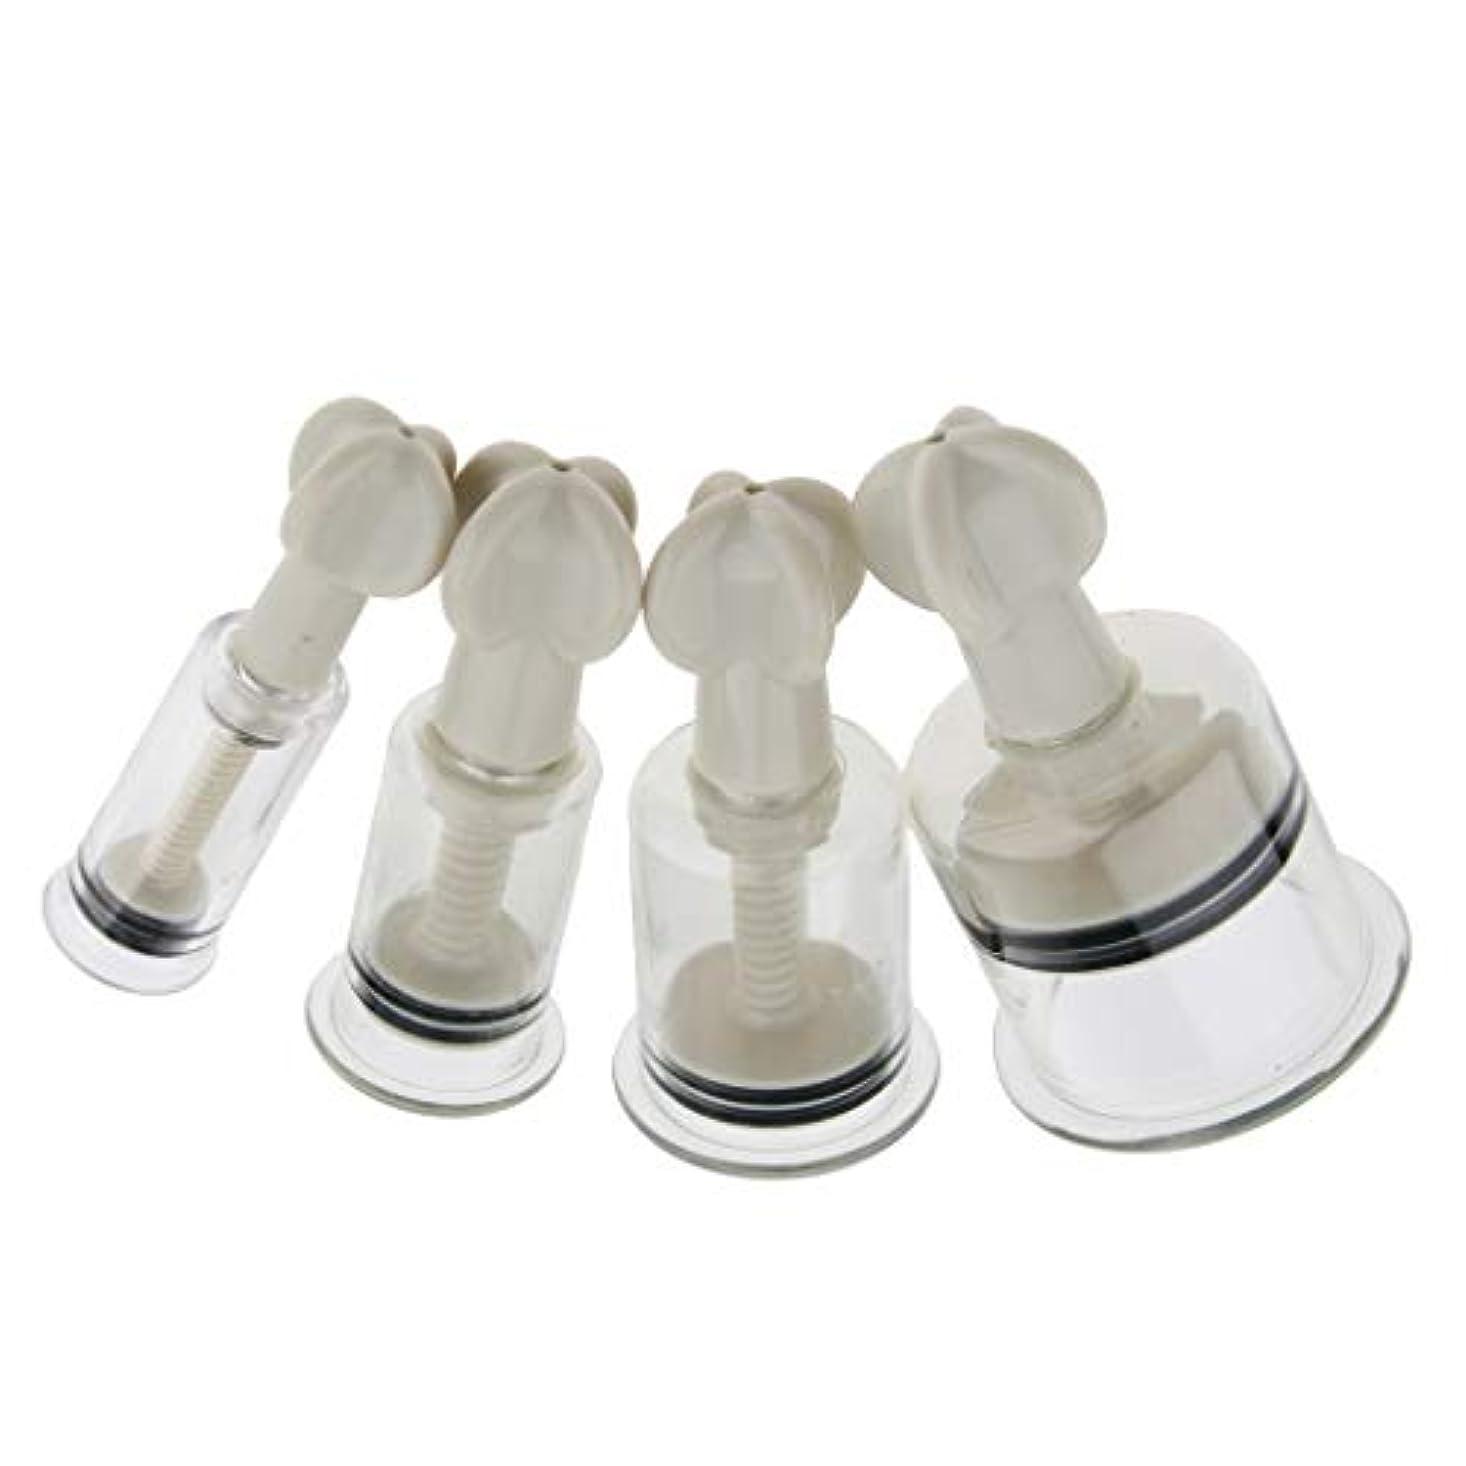 聖職者間ルーフ真空カッピングセット マッサージカップ 吸い玉 筋肉痛救済 男女兼用 4個 プラスチック製 高品質